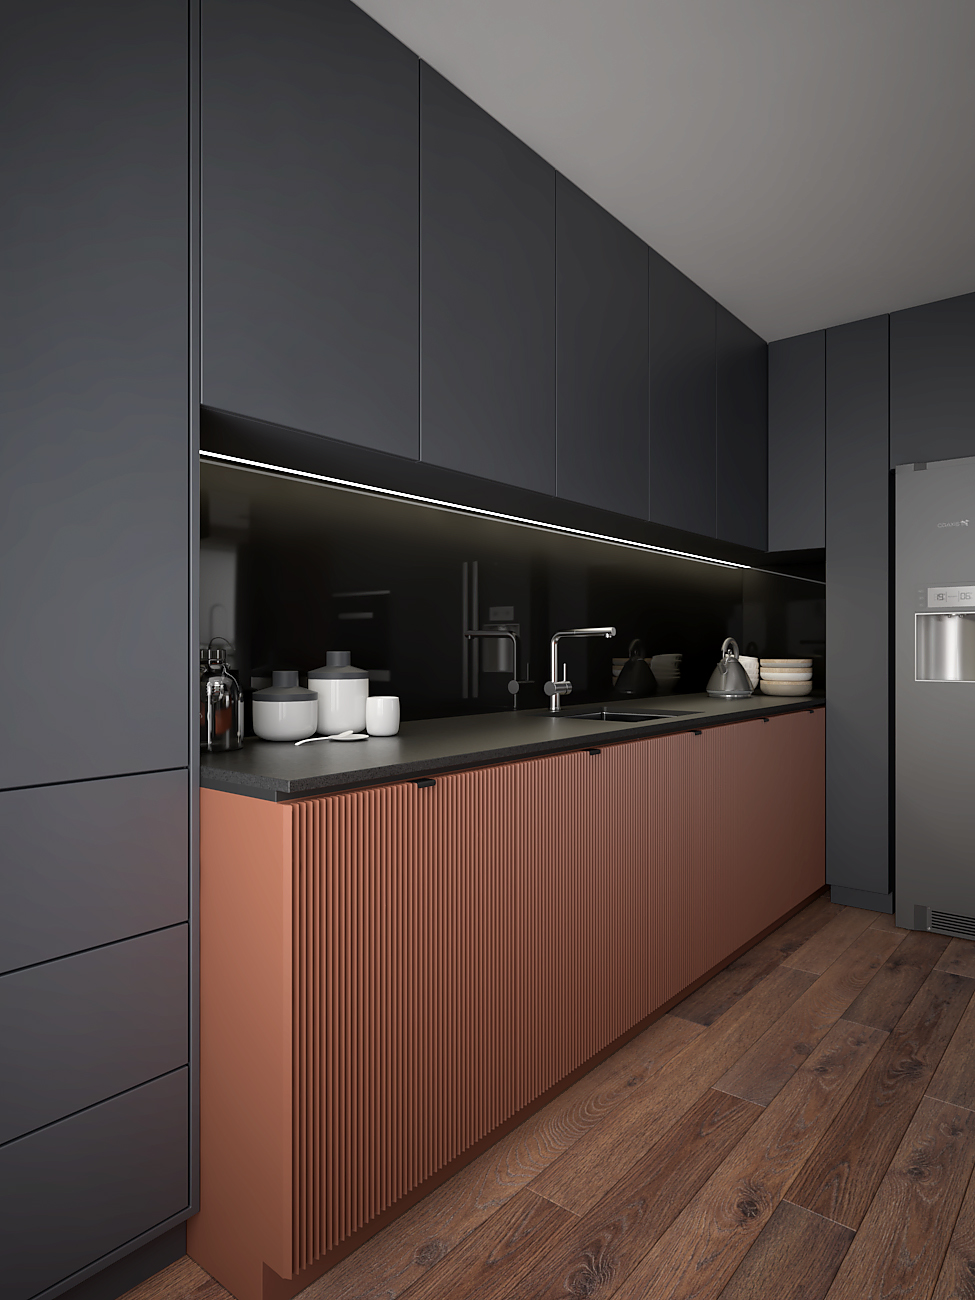 7 aranzacja wnetrza M563 mieszkanie katowice salon z kuchnia miedziane dolne zabudowy z lamelami szare fronty blat z corianu czarna wneka